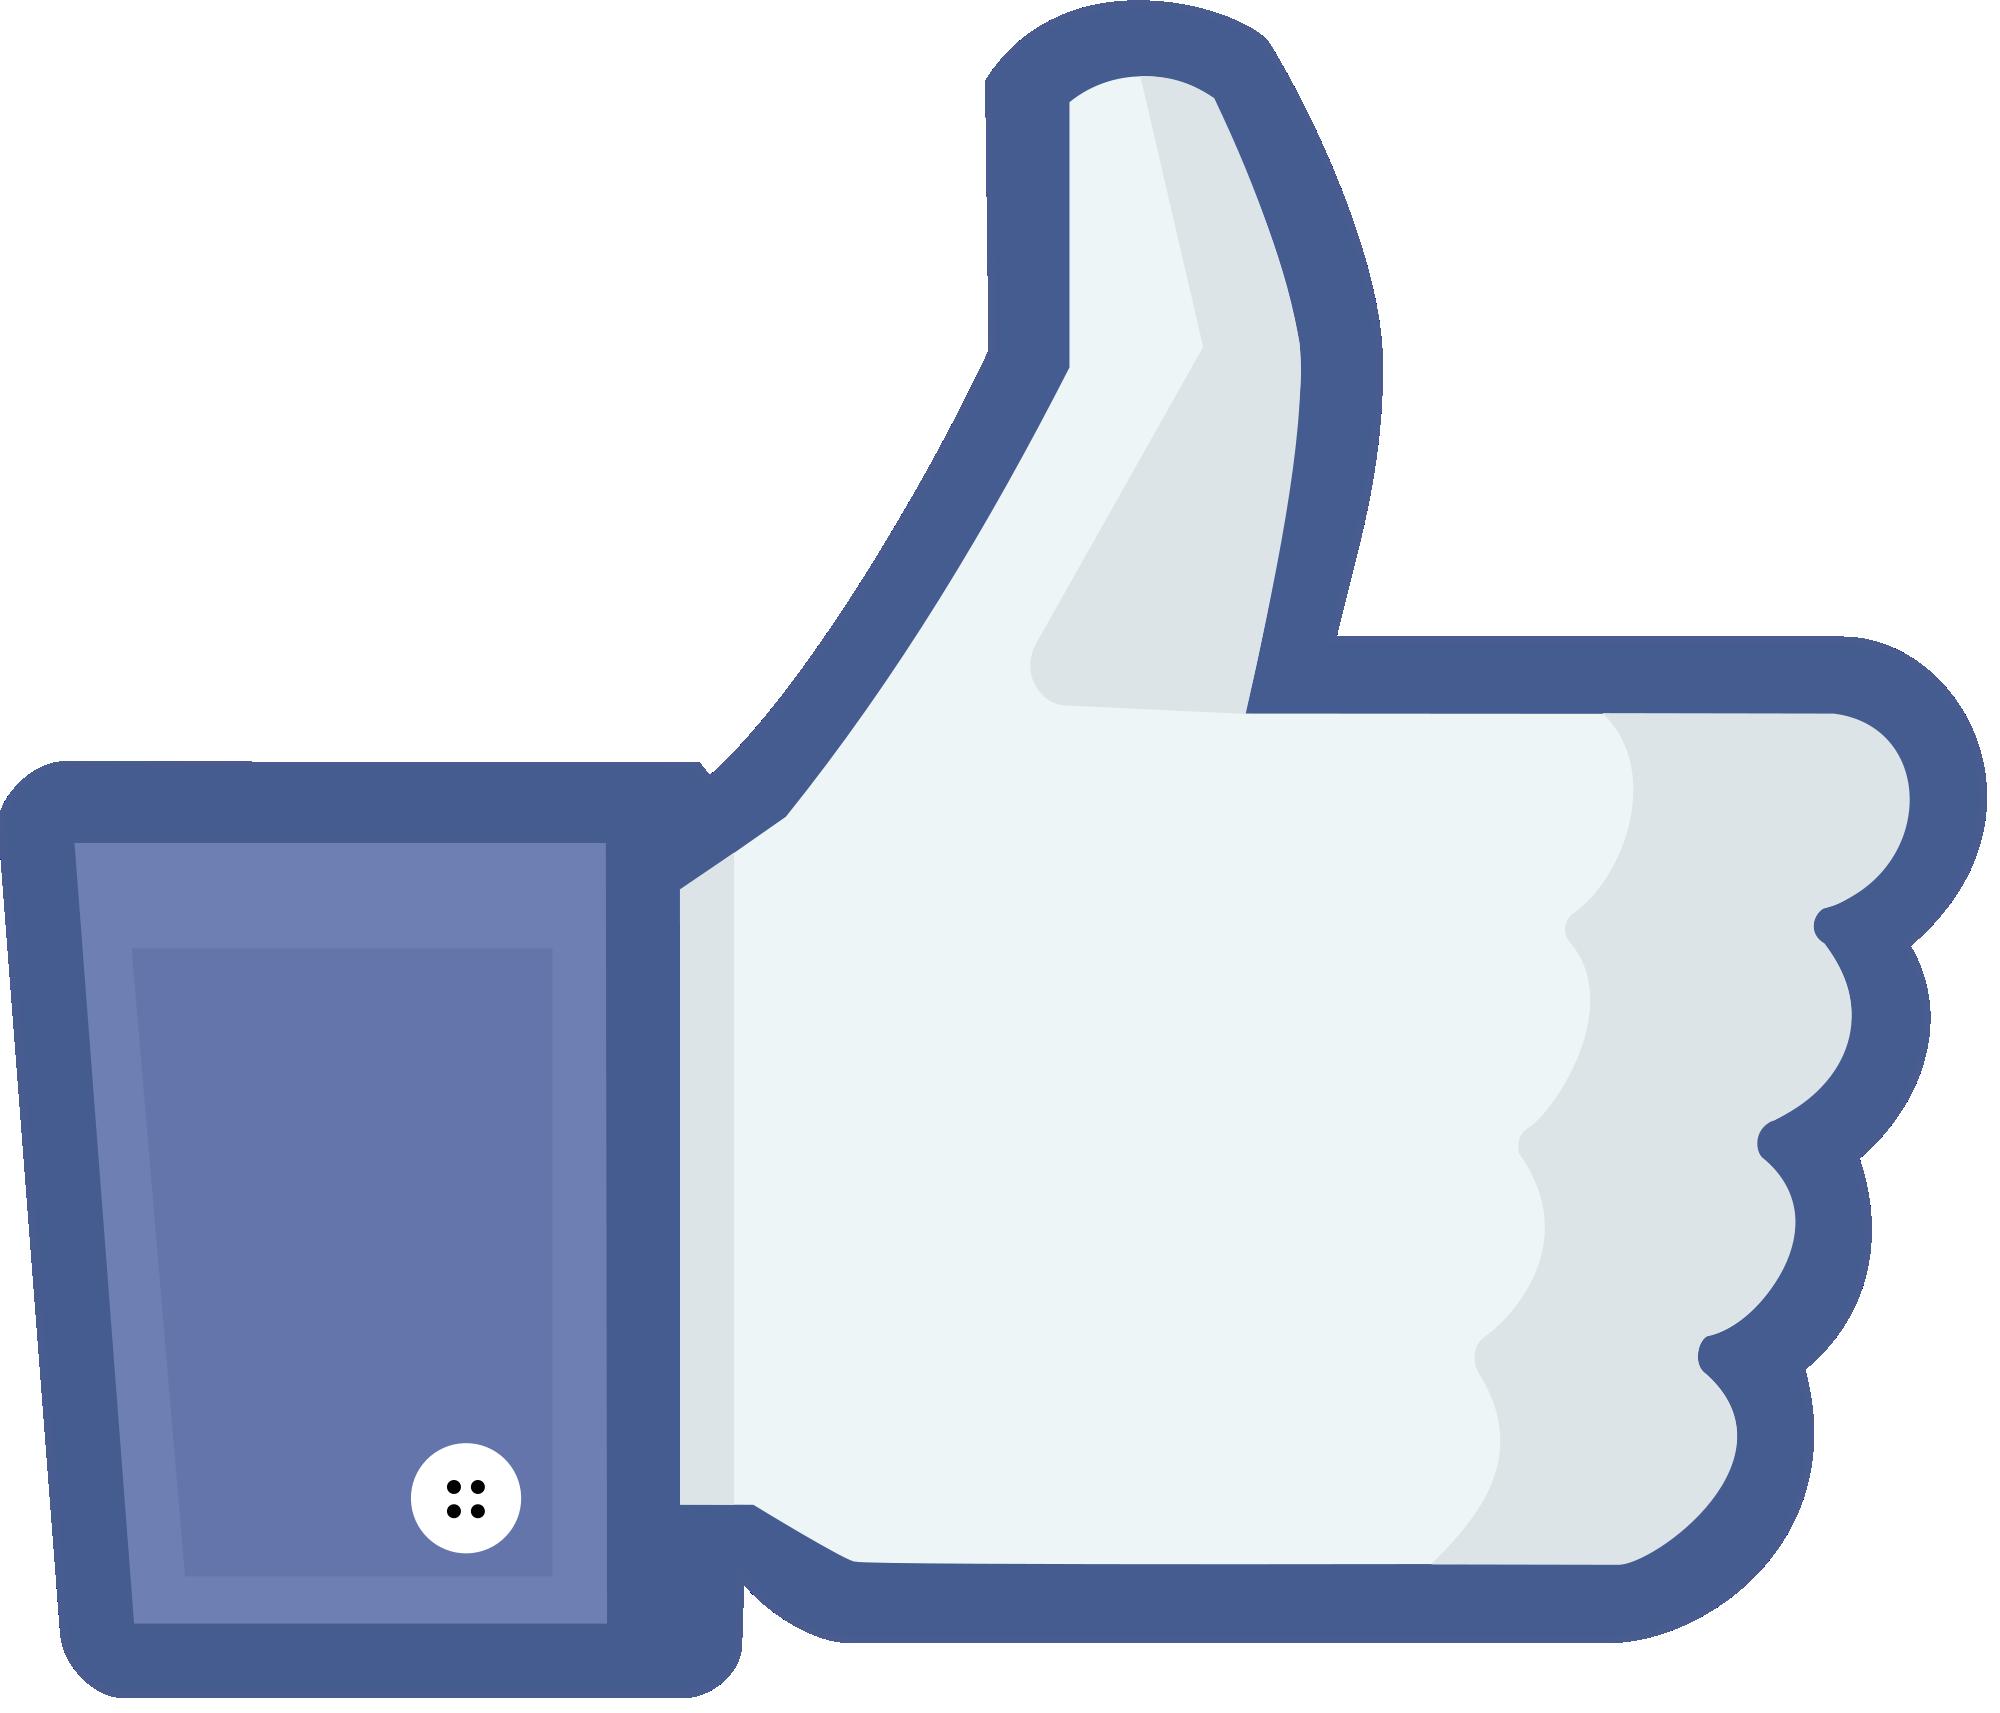 Cómo tener más Likes en Facebook: Tips y consejos de los expertos